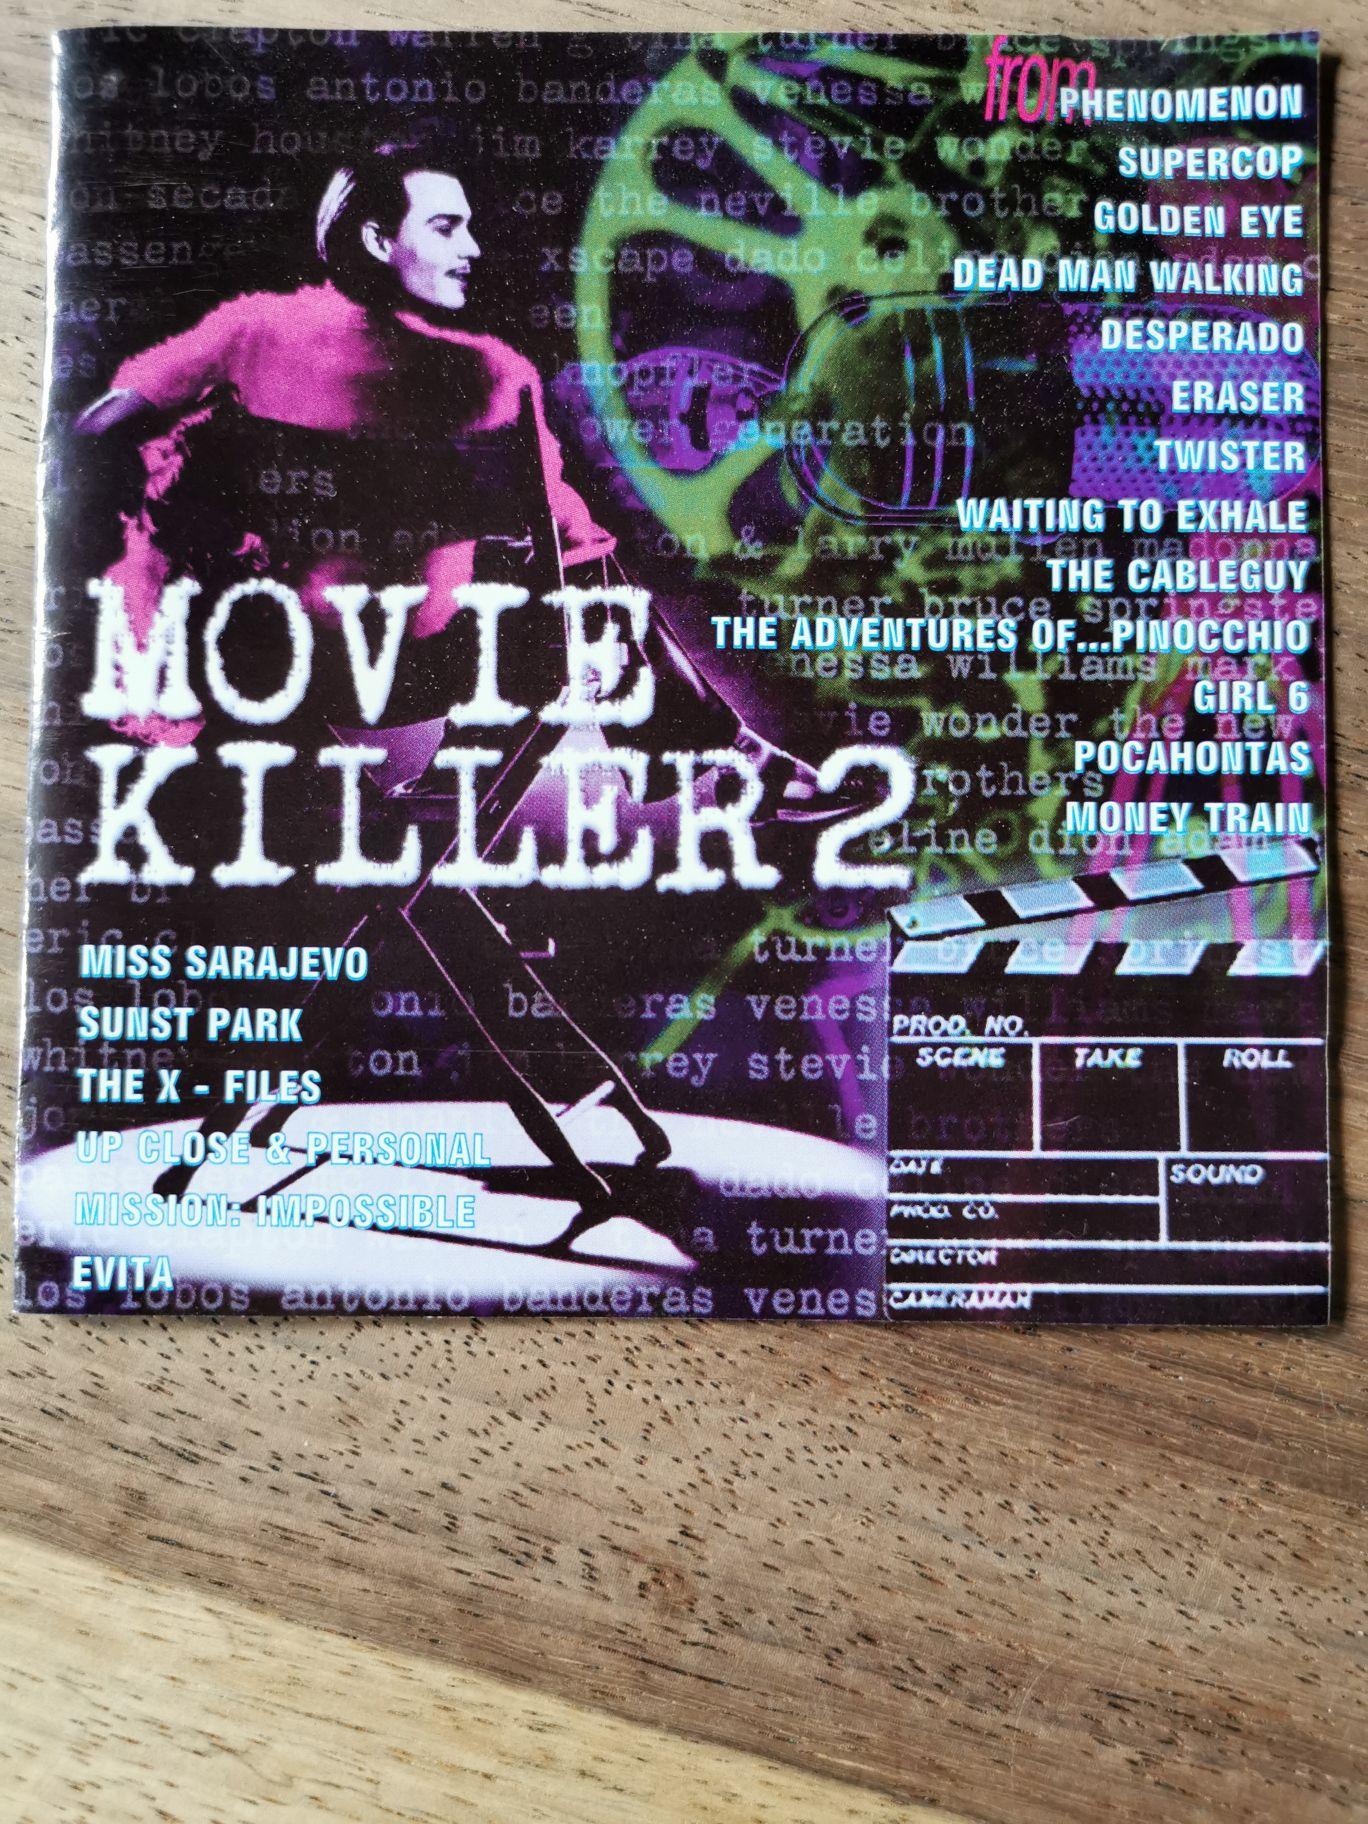 Movie Killer 2 -  cover